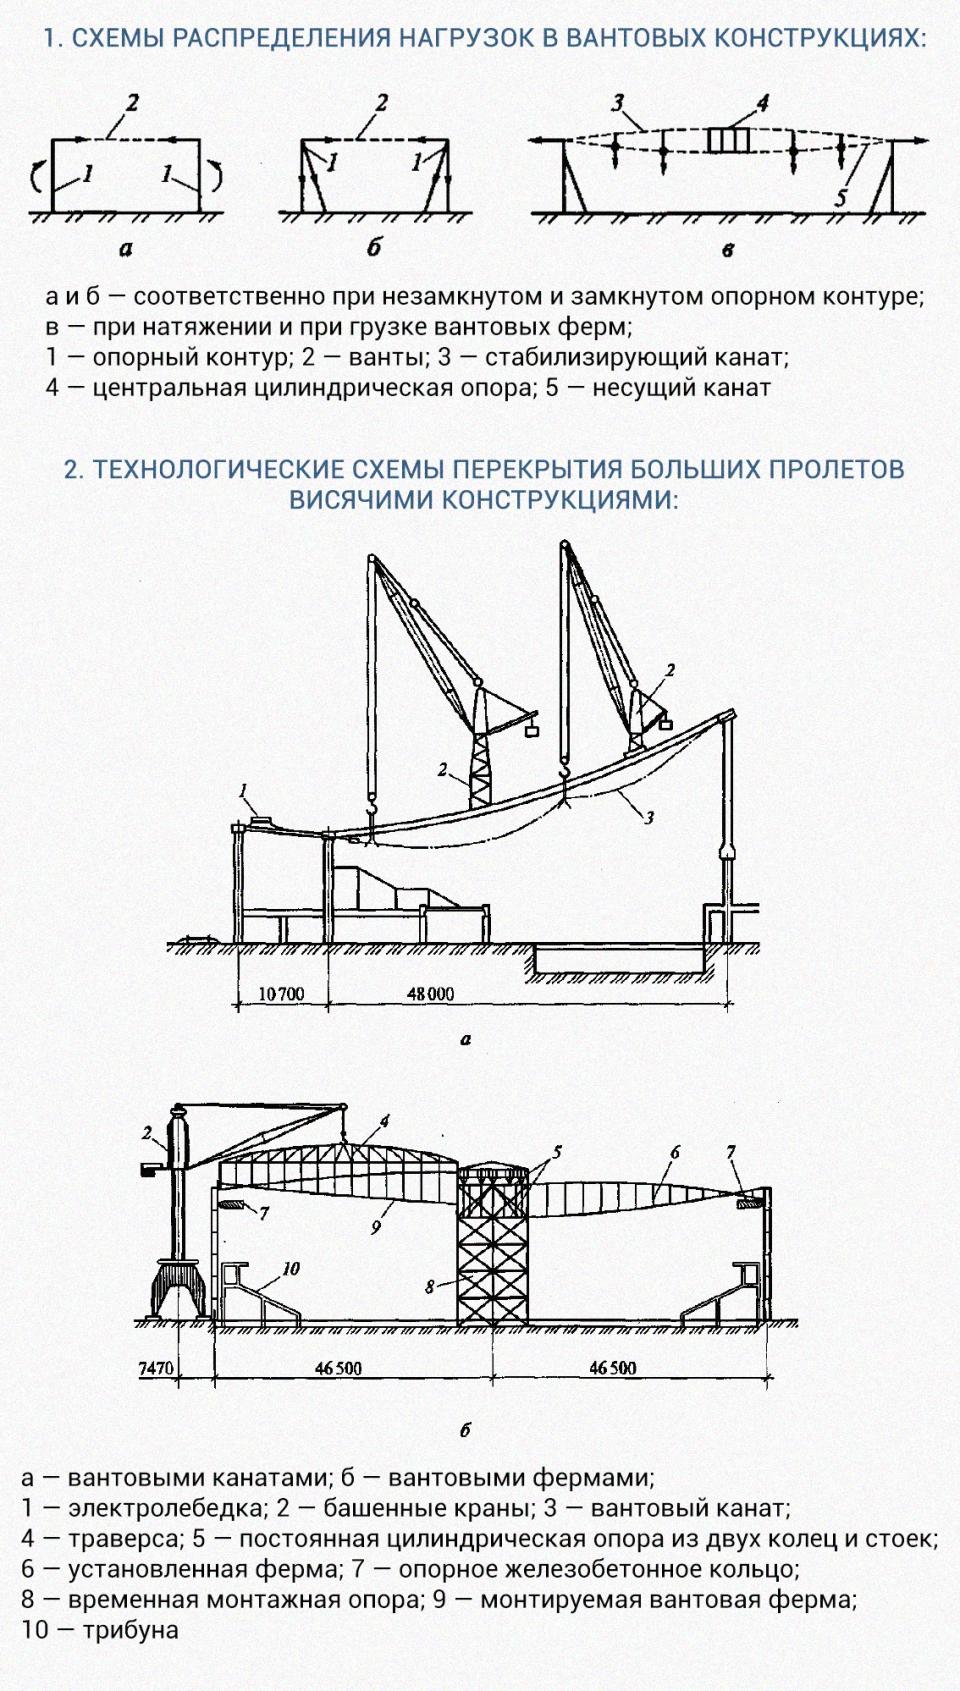 Технология возведения специальных зданий и сооружений.Монтаж вантовых конструкций (*)Вантовым называют покрытие, имеющее в качестве опоры натянутые стальные канаты (ванты). Вантовая система, в свою очередь, опирается на опорный контур, воспринимающий все горизонтальные и вертикальные нагрузки. Опорный контур может устраиваться в виде рядов колонн или стен с контрфорсами, быть незамкнутым или замкнутым.Как правило, ванты натягивают на замкнутое железобетонное кольцо, опирающееся на колонны. Кольцо полностью воспринимает горизонтальные нагрузки и исключает возникновение изгибающих напряжений в колоннах.Помещения, перекрываемые вантовыми конструкциями, в плане могут быть прямоугольными, овальными или круглыми, а ванты — располагаться параллельно, радиально или перекрестно по главным направлениям поверхности оболочки. В качестве вант могут быть использованы стальные стержни, пряди или канаты, в том числе объединенные для удобства установки в фермы.Для уменьшения прогиба от эксплуатационных нагрузок и возможности появления трещин висячая оболочка подвергается предварительному напряжению путем натяжения вант и подвешивания дополнительных пригрузов. Для отвода воды и удобства ведения монтажных работ кроме несущего каната может дополнительно устанавливаться верхний — стабилизирующий канат (рис.1).Пример устройства вантового перекрытия приведен на рис.2.Последовательность выполнения работ при перекрытии пролета вантовыми канатами:• вантовый канат, намотанный на барабан, подают краном к месту установки, один конец каната закрепляют анкером в опорном контуре;• канат раскатывают, оснащают контрольными грузами, поднимают в проектное положение, натягивают электролебедкой и закрепляют в опорном контуре с противоположной стороны;• после установки всех продольных канатов производят геодезическую проверку положения точек вантовой сети;• устанавливают поперечные ванты (на рис. 2 не показаны), закрепляют их пересечения с рабочими вантами;• укладывают плиты покрытия в направлении от ниж